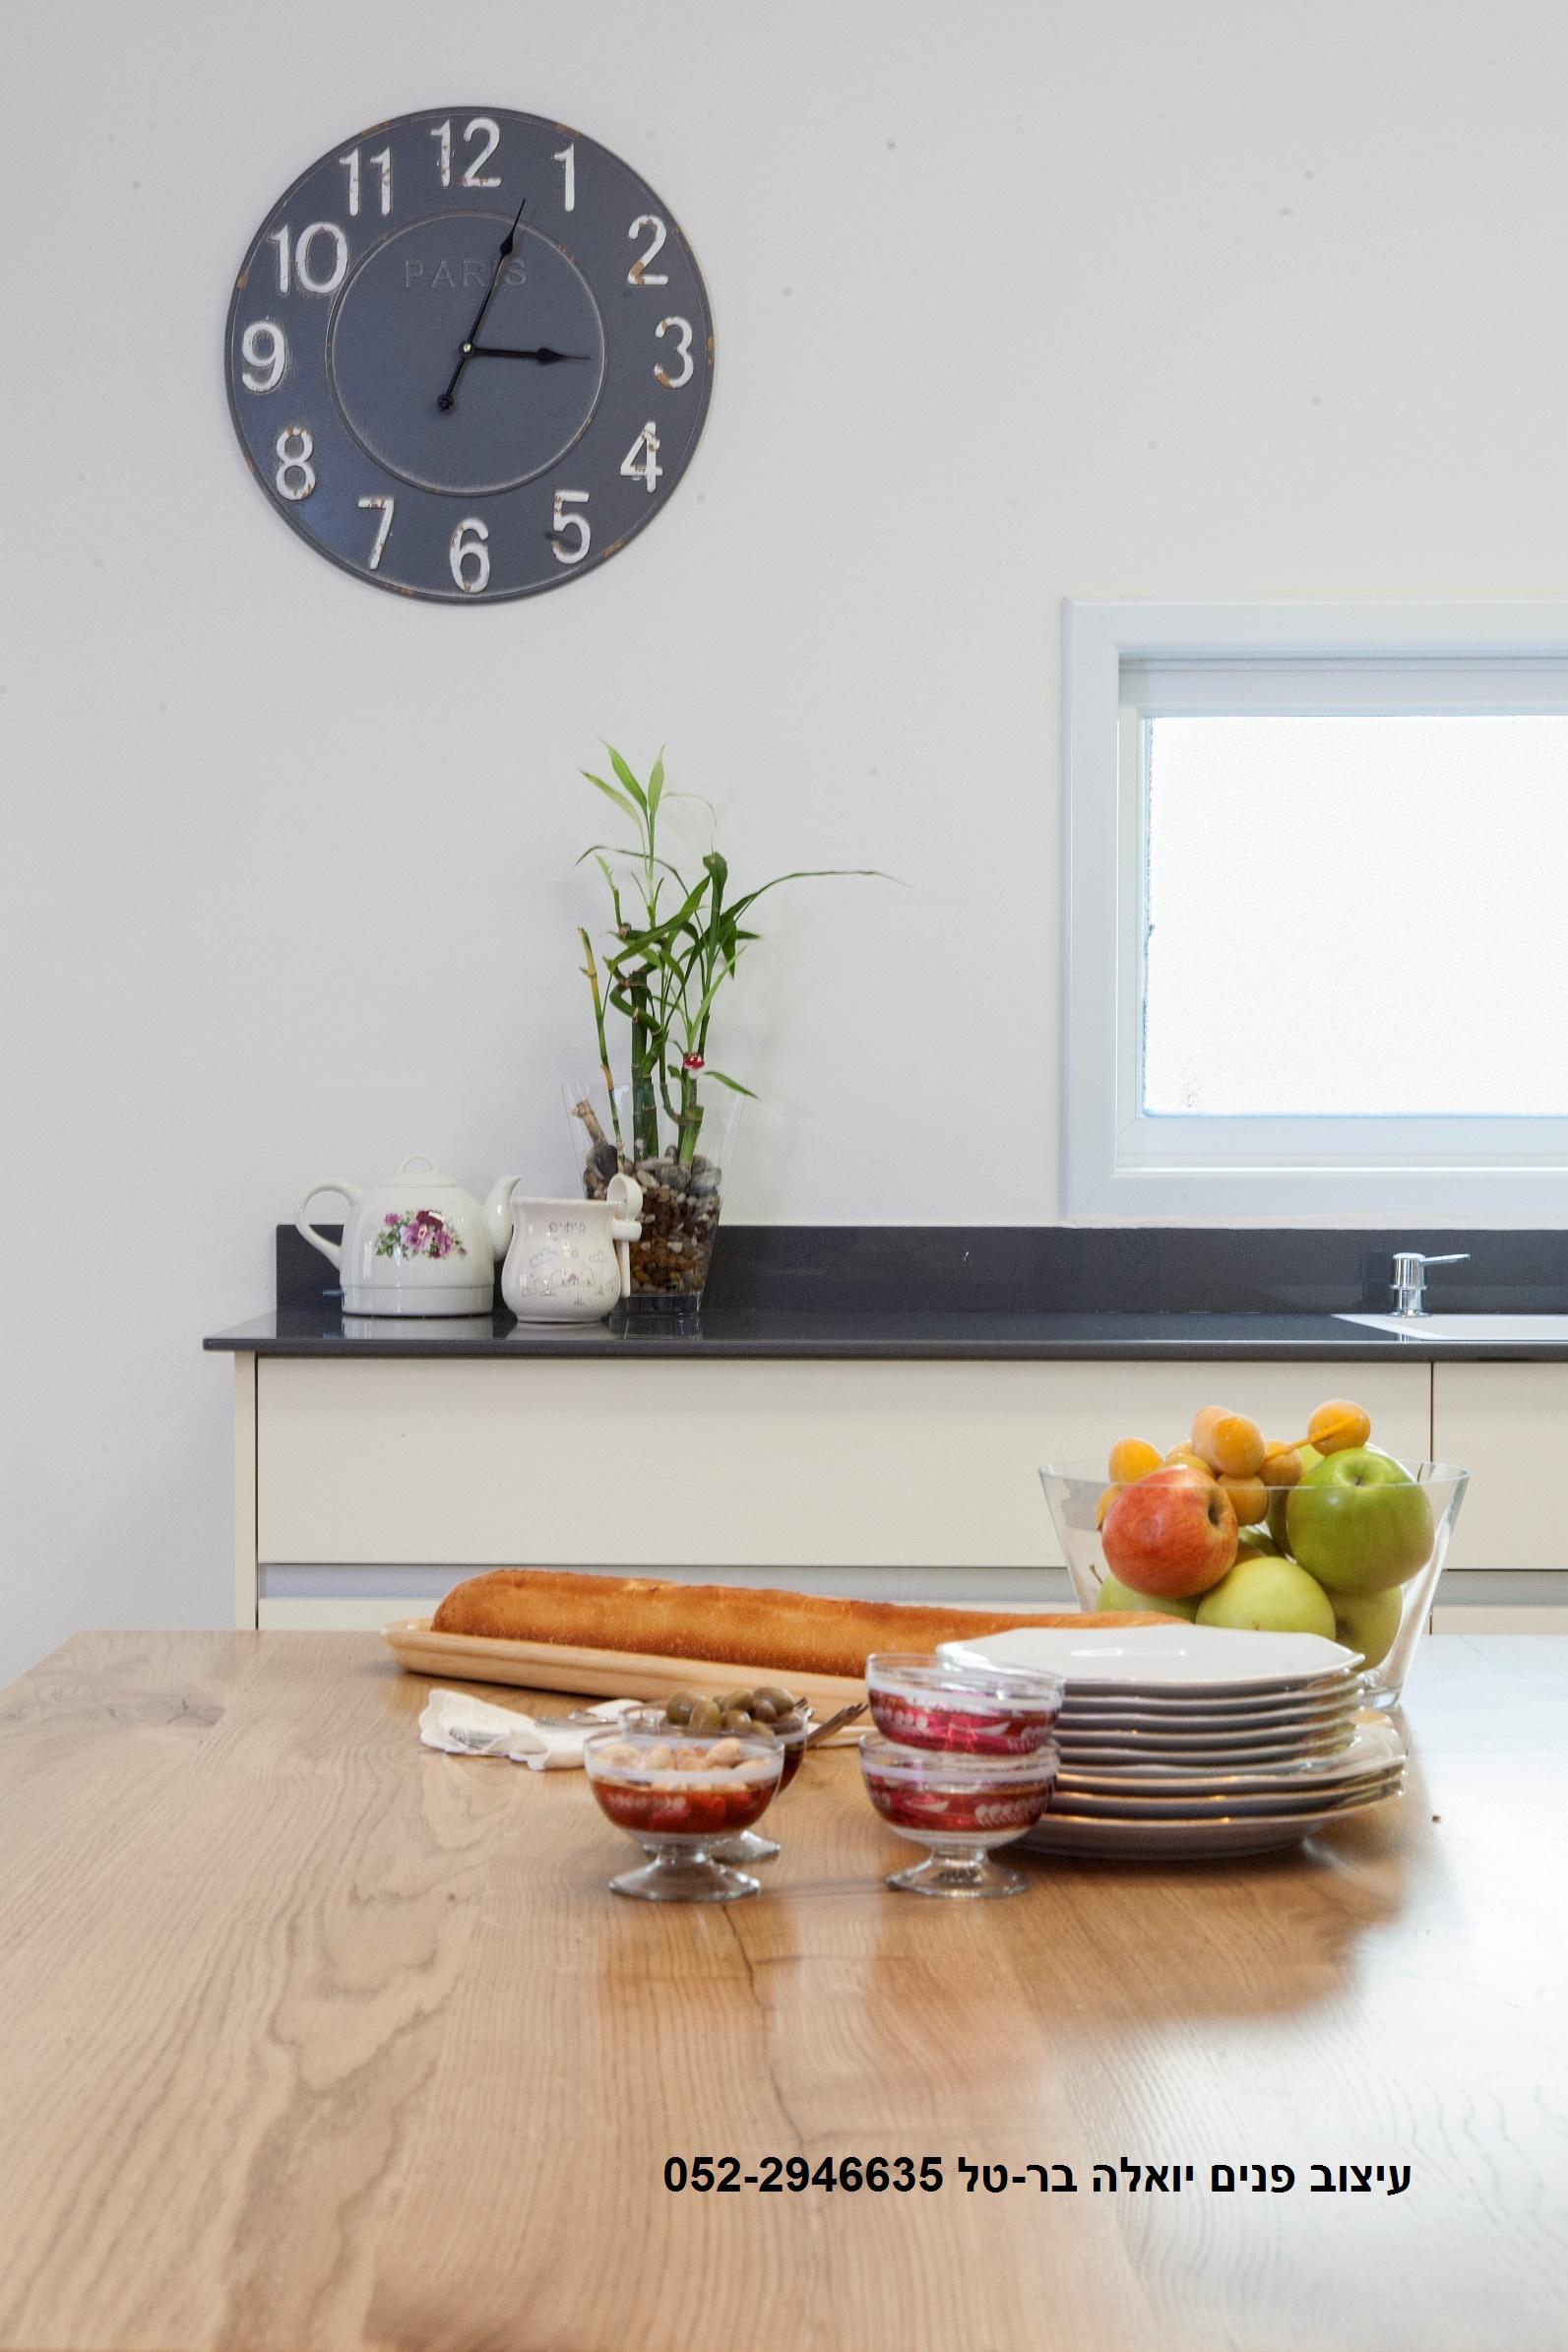 עיצוב מטבח מודרני לעיצוב דירה ברחובו